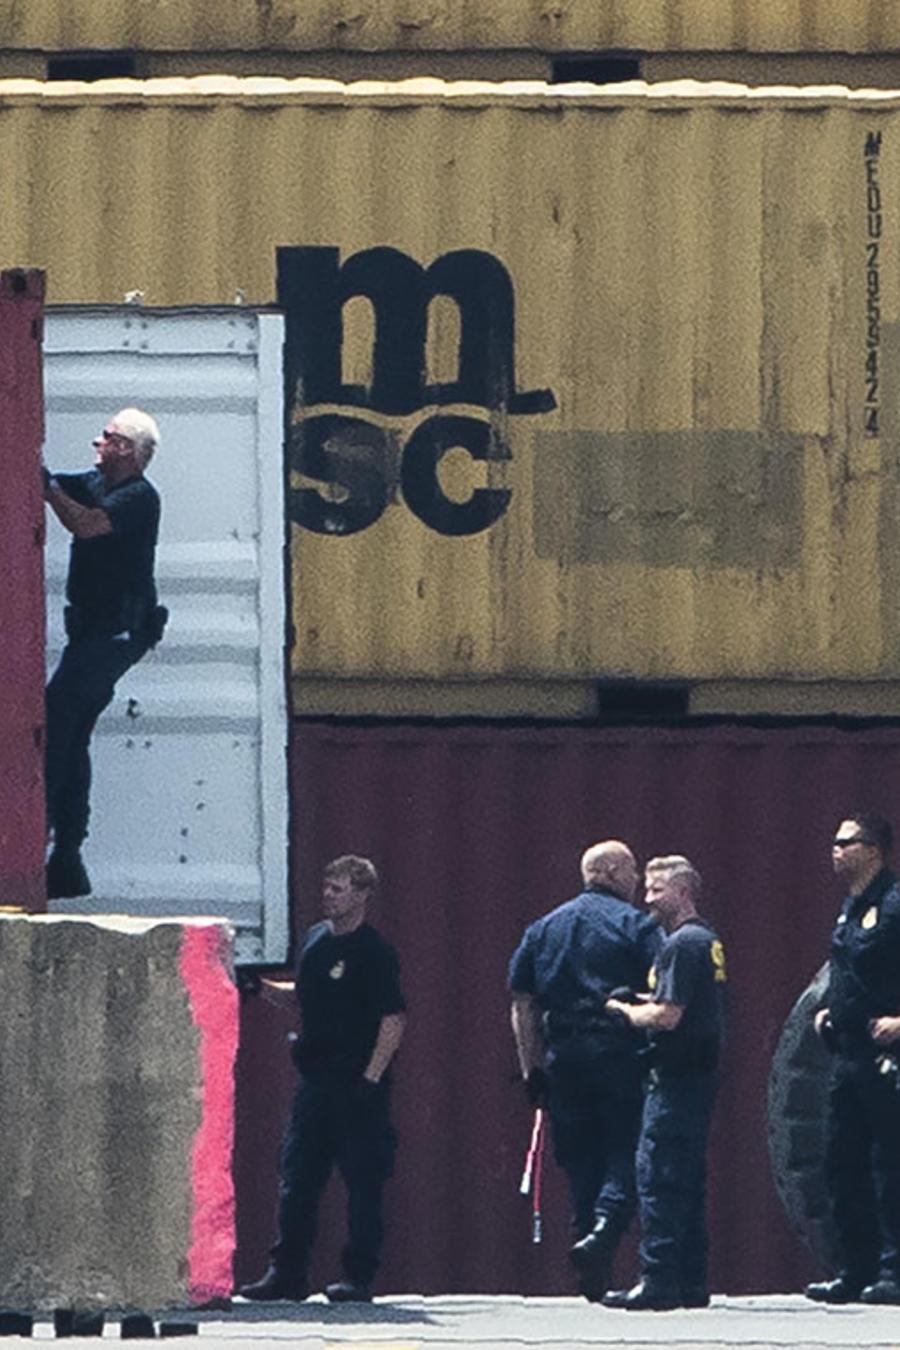 Autoridades revisan varios contenedores en el río Delaware, en Filadelfia.